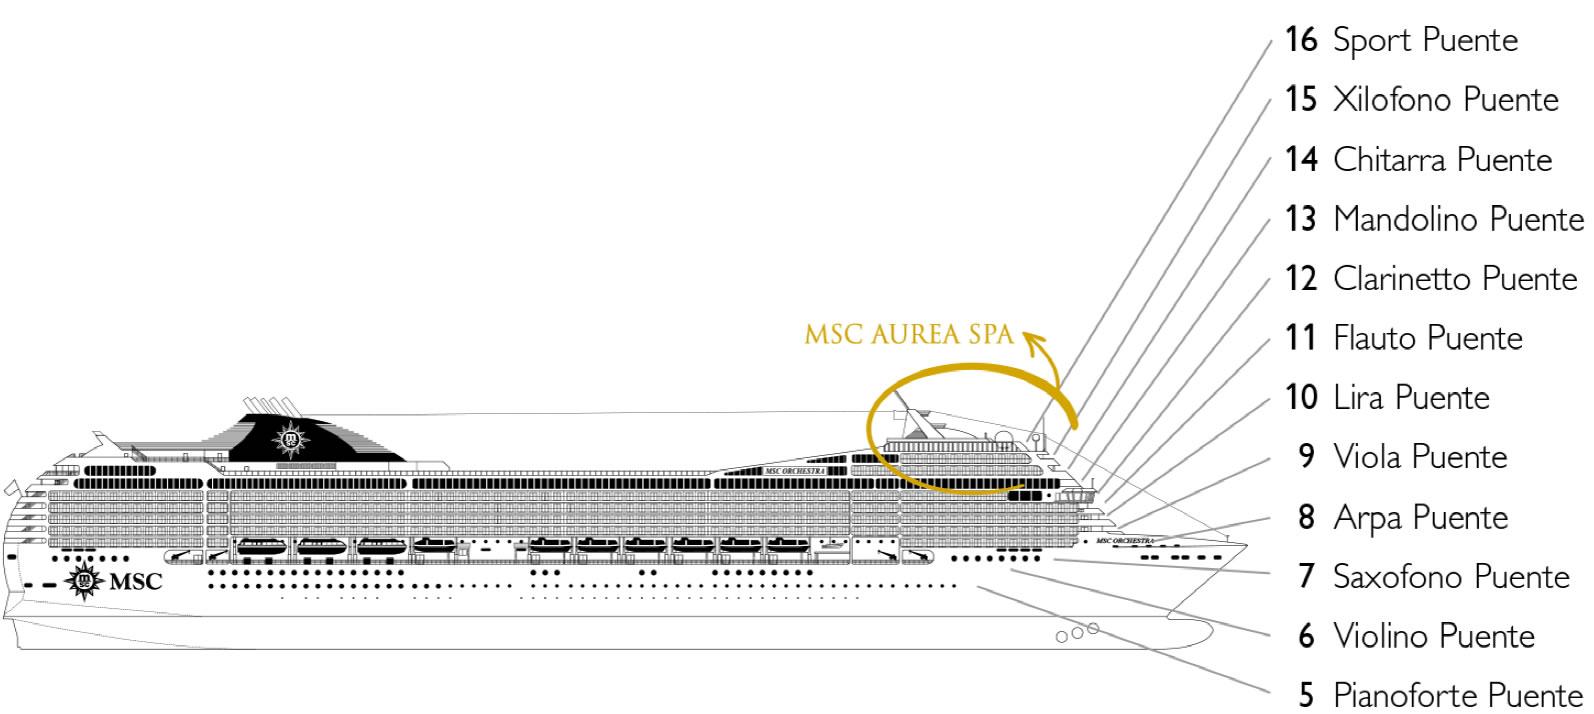 categorie e cabine della nave msc orchestra msc crociere